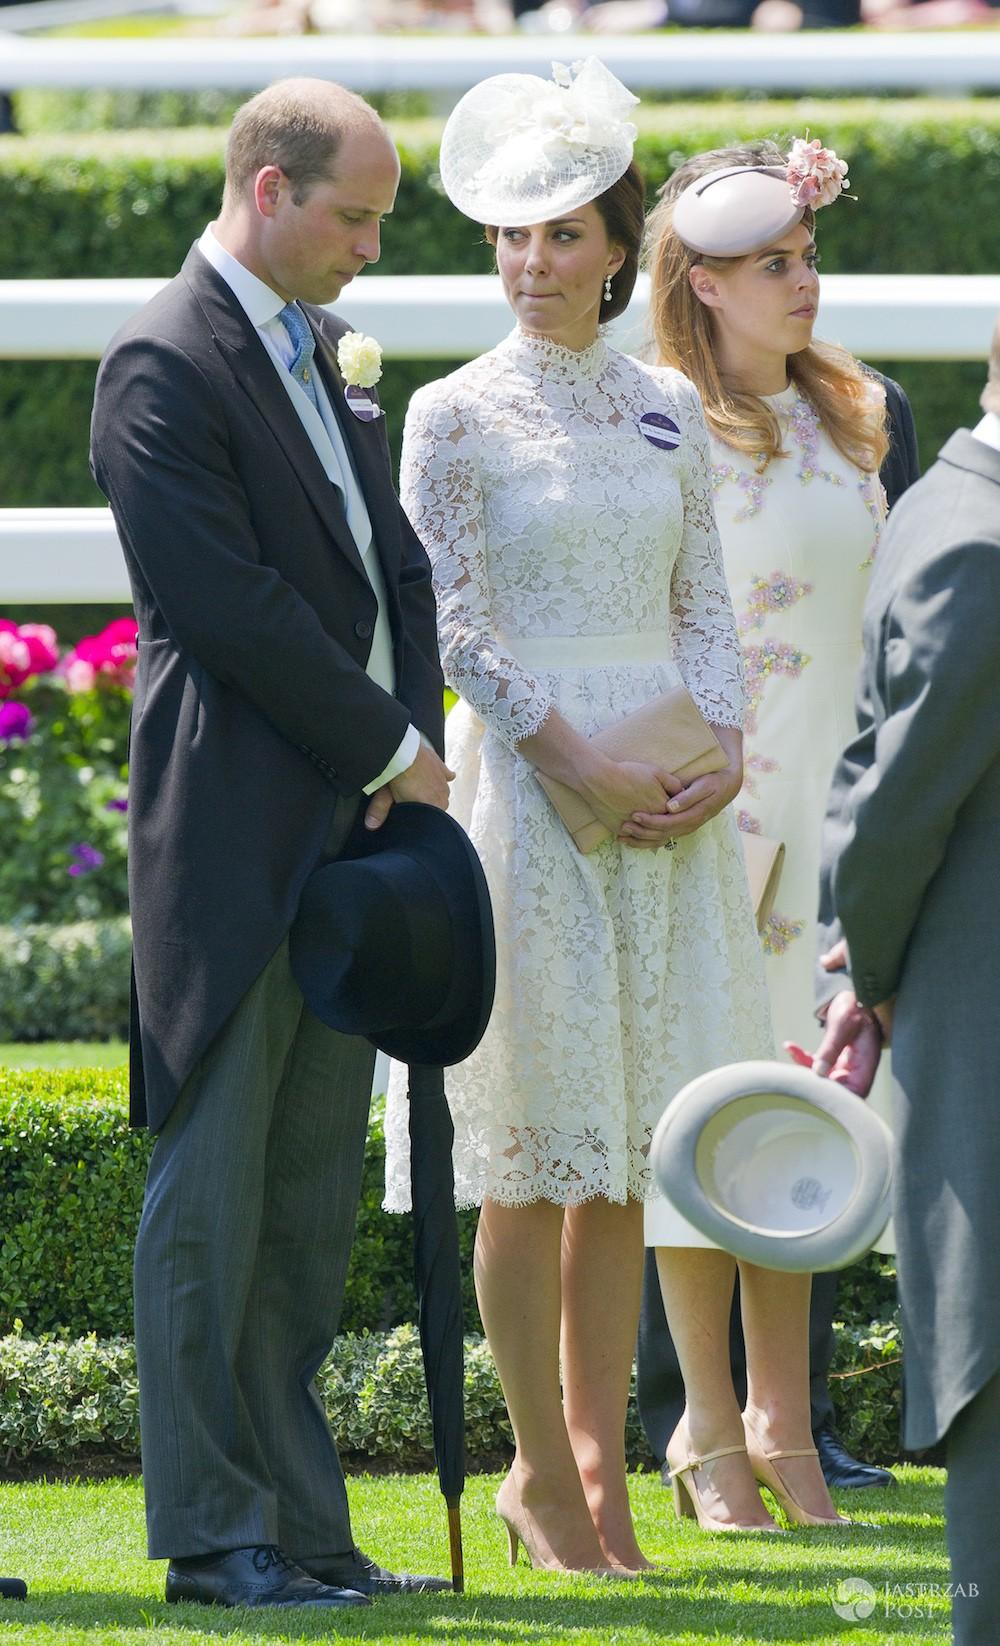 Księżna Kate zdradziła księcia Williama?